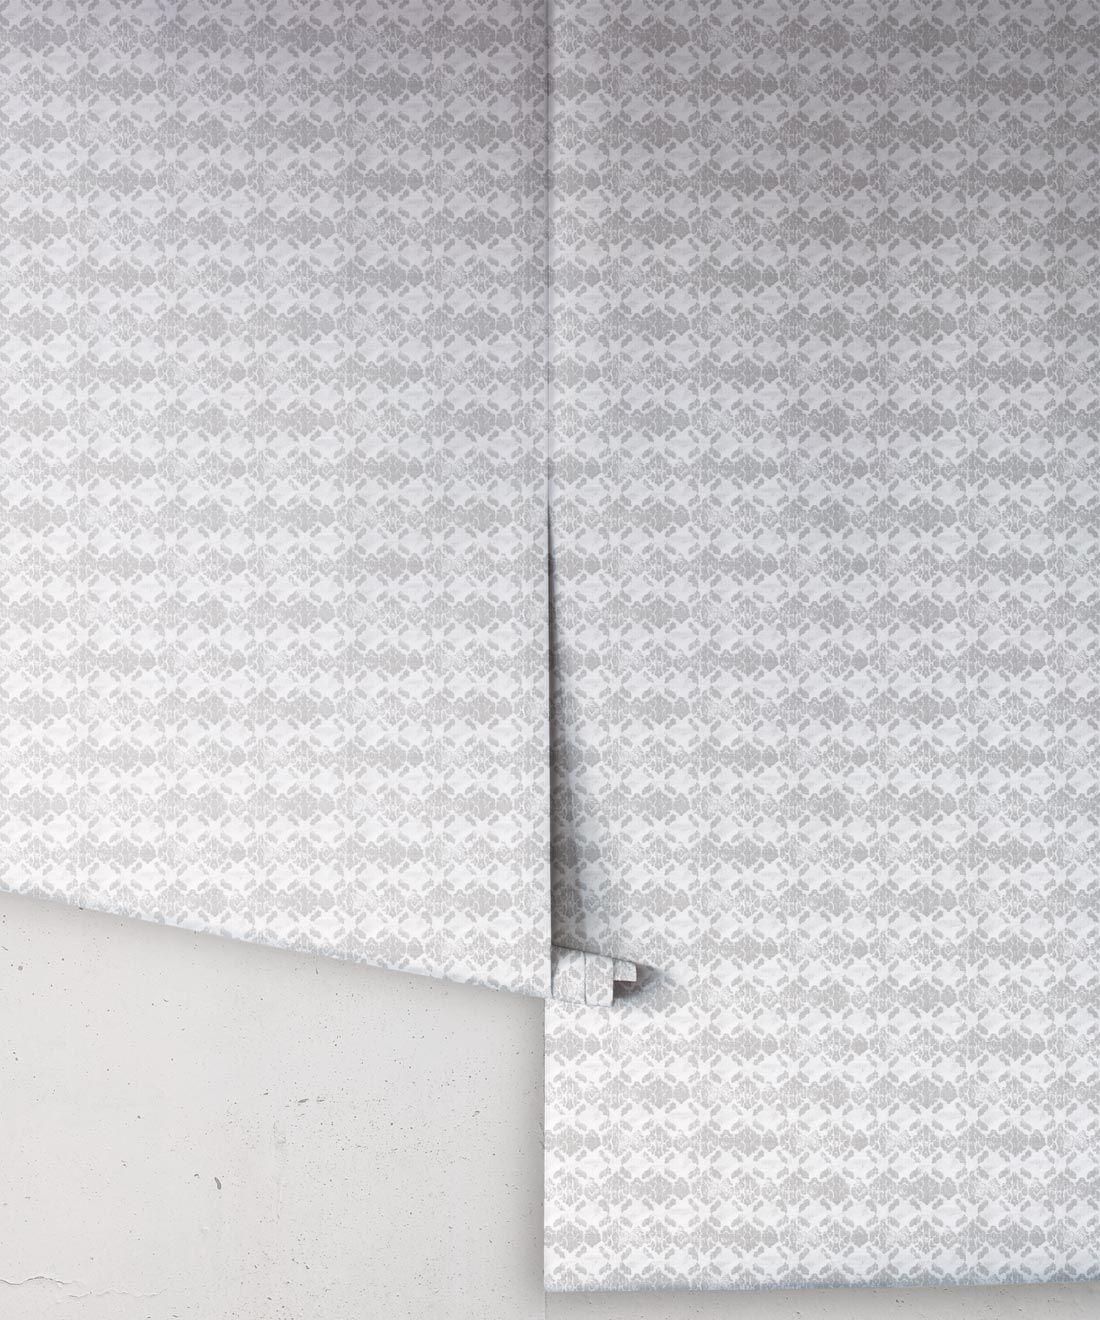 Silver Ikat Wallpaper • Shibori